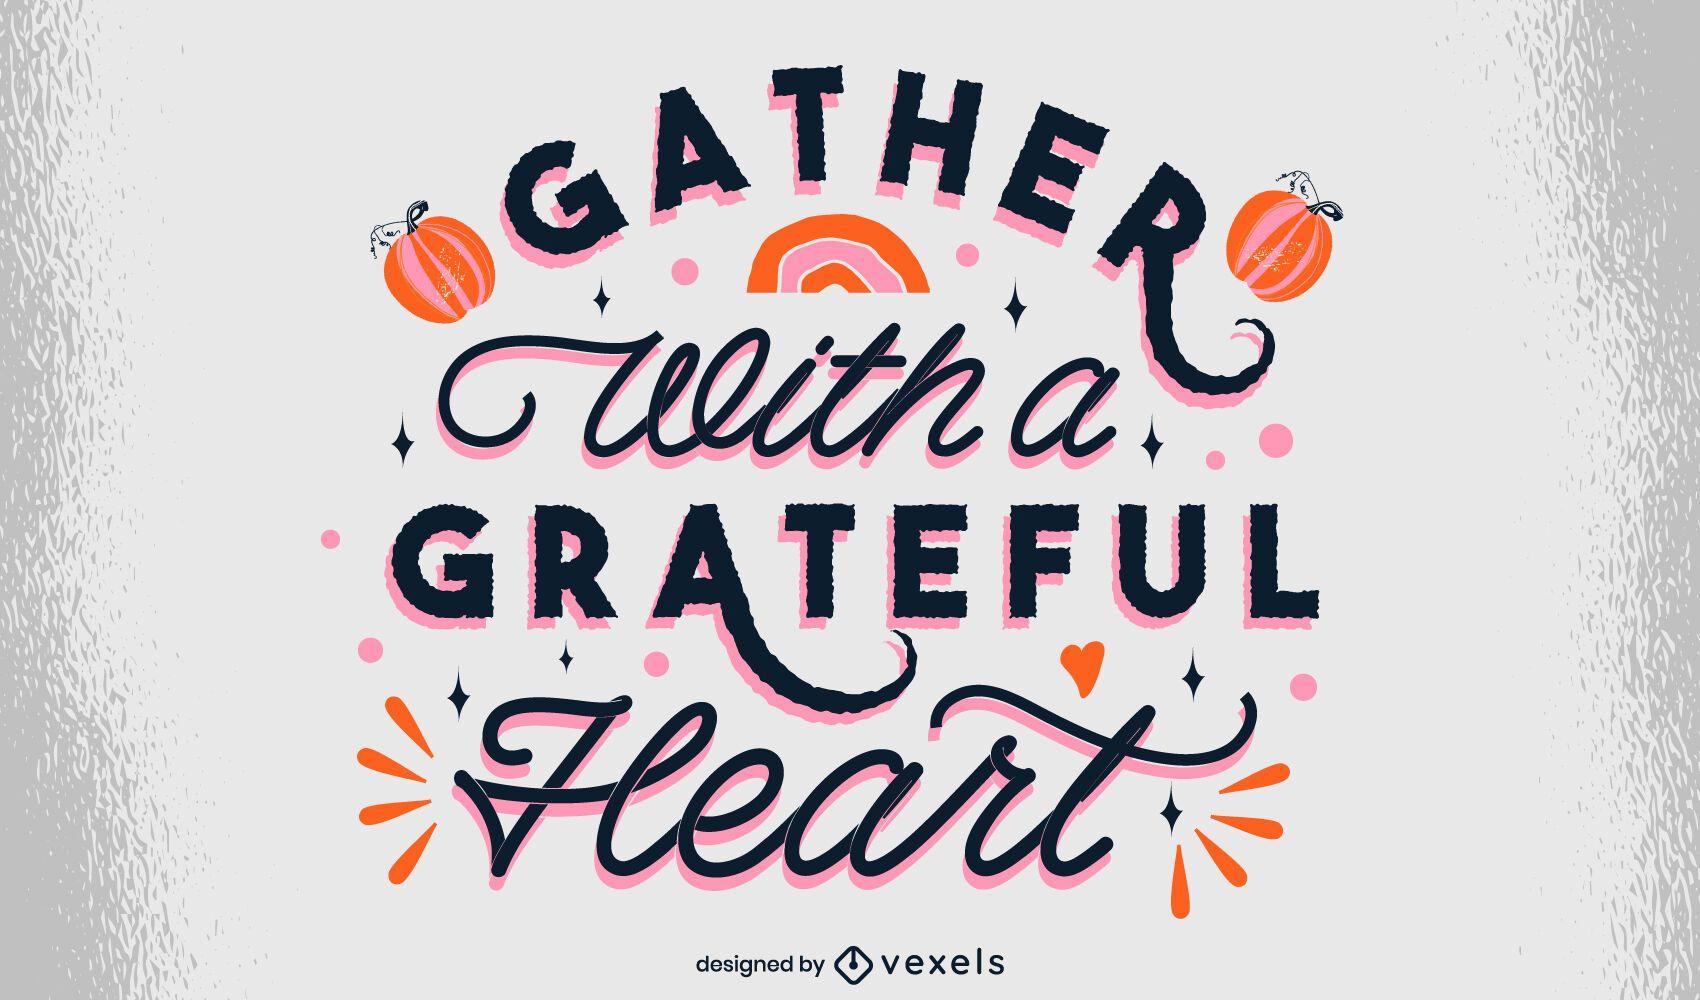 Letras de agradecimiento de corazón agradecido